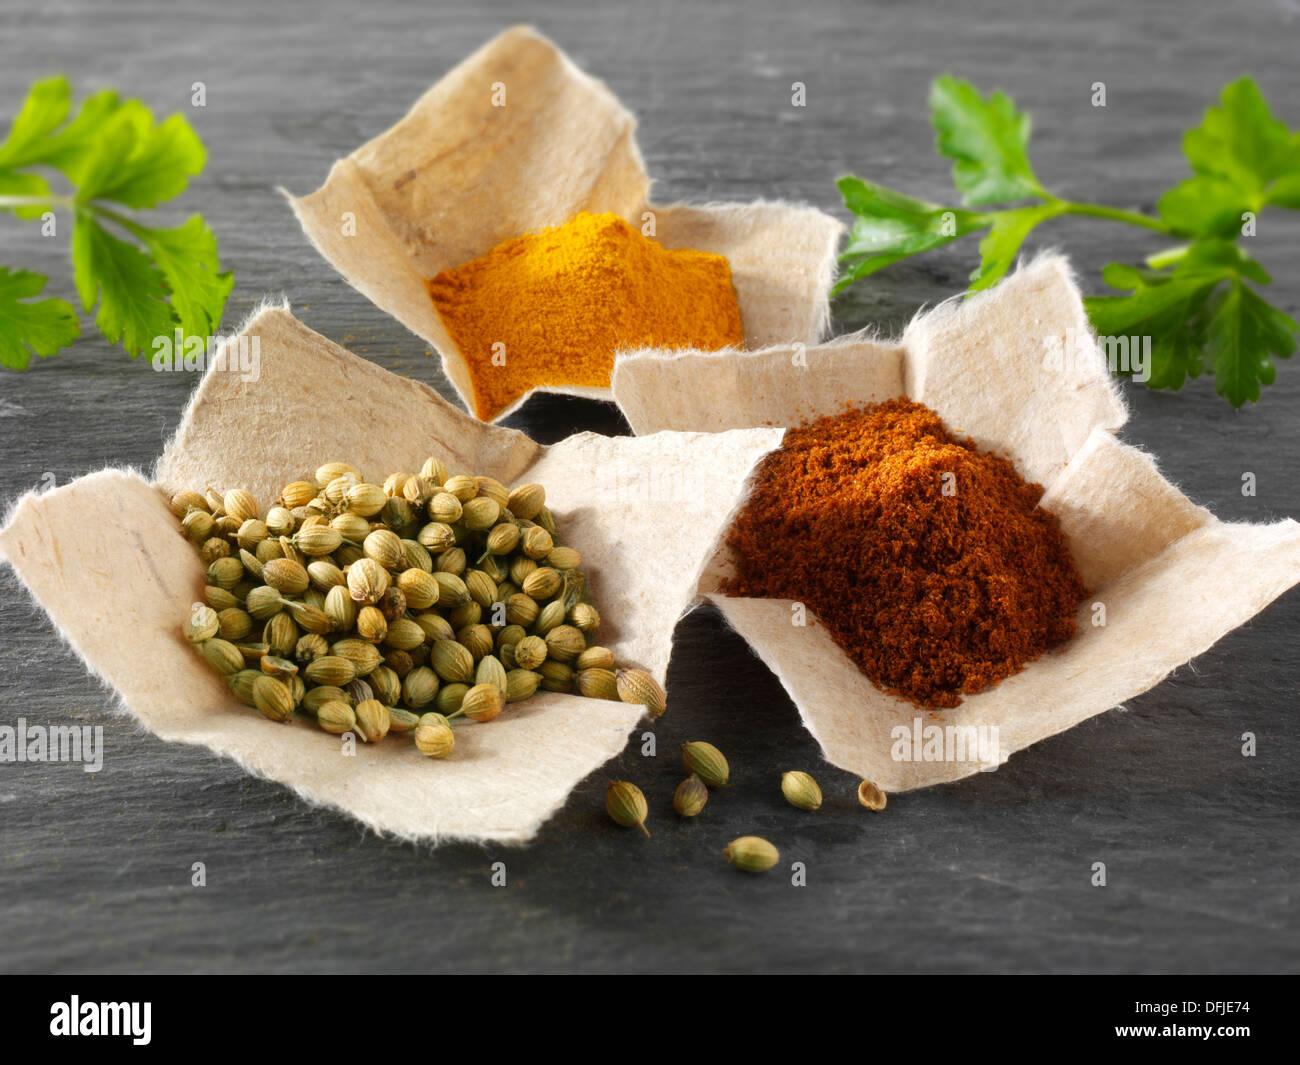 Semillas de cilantro, tierra de chili en polvo y tierra cúrcuma especias indias Imagen De Stock